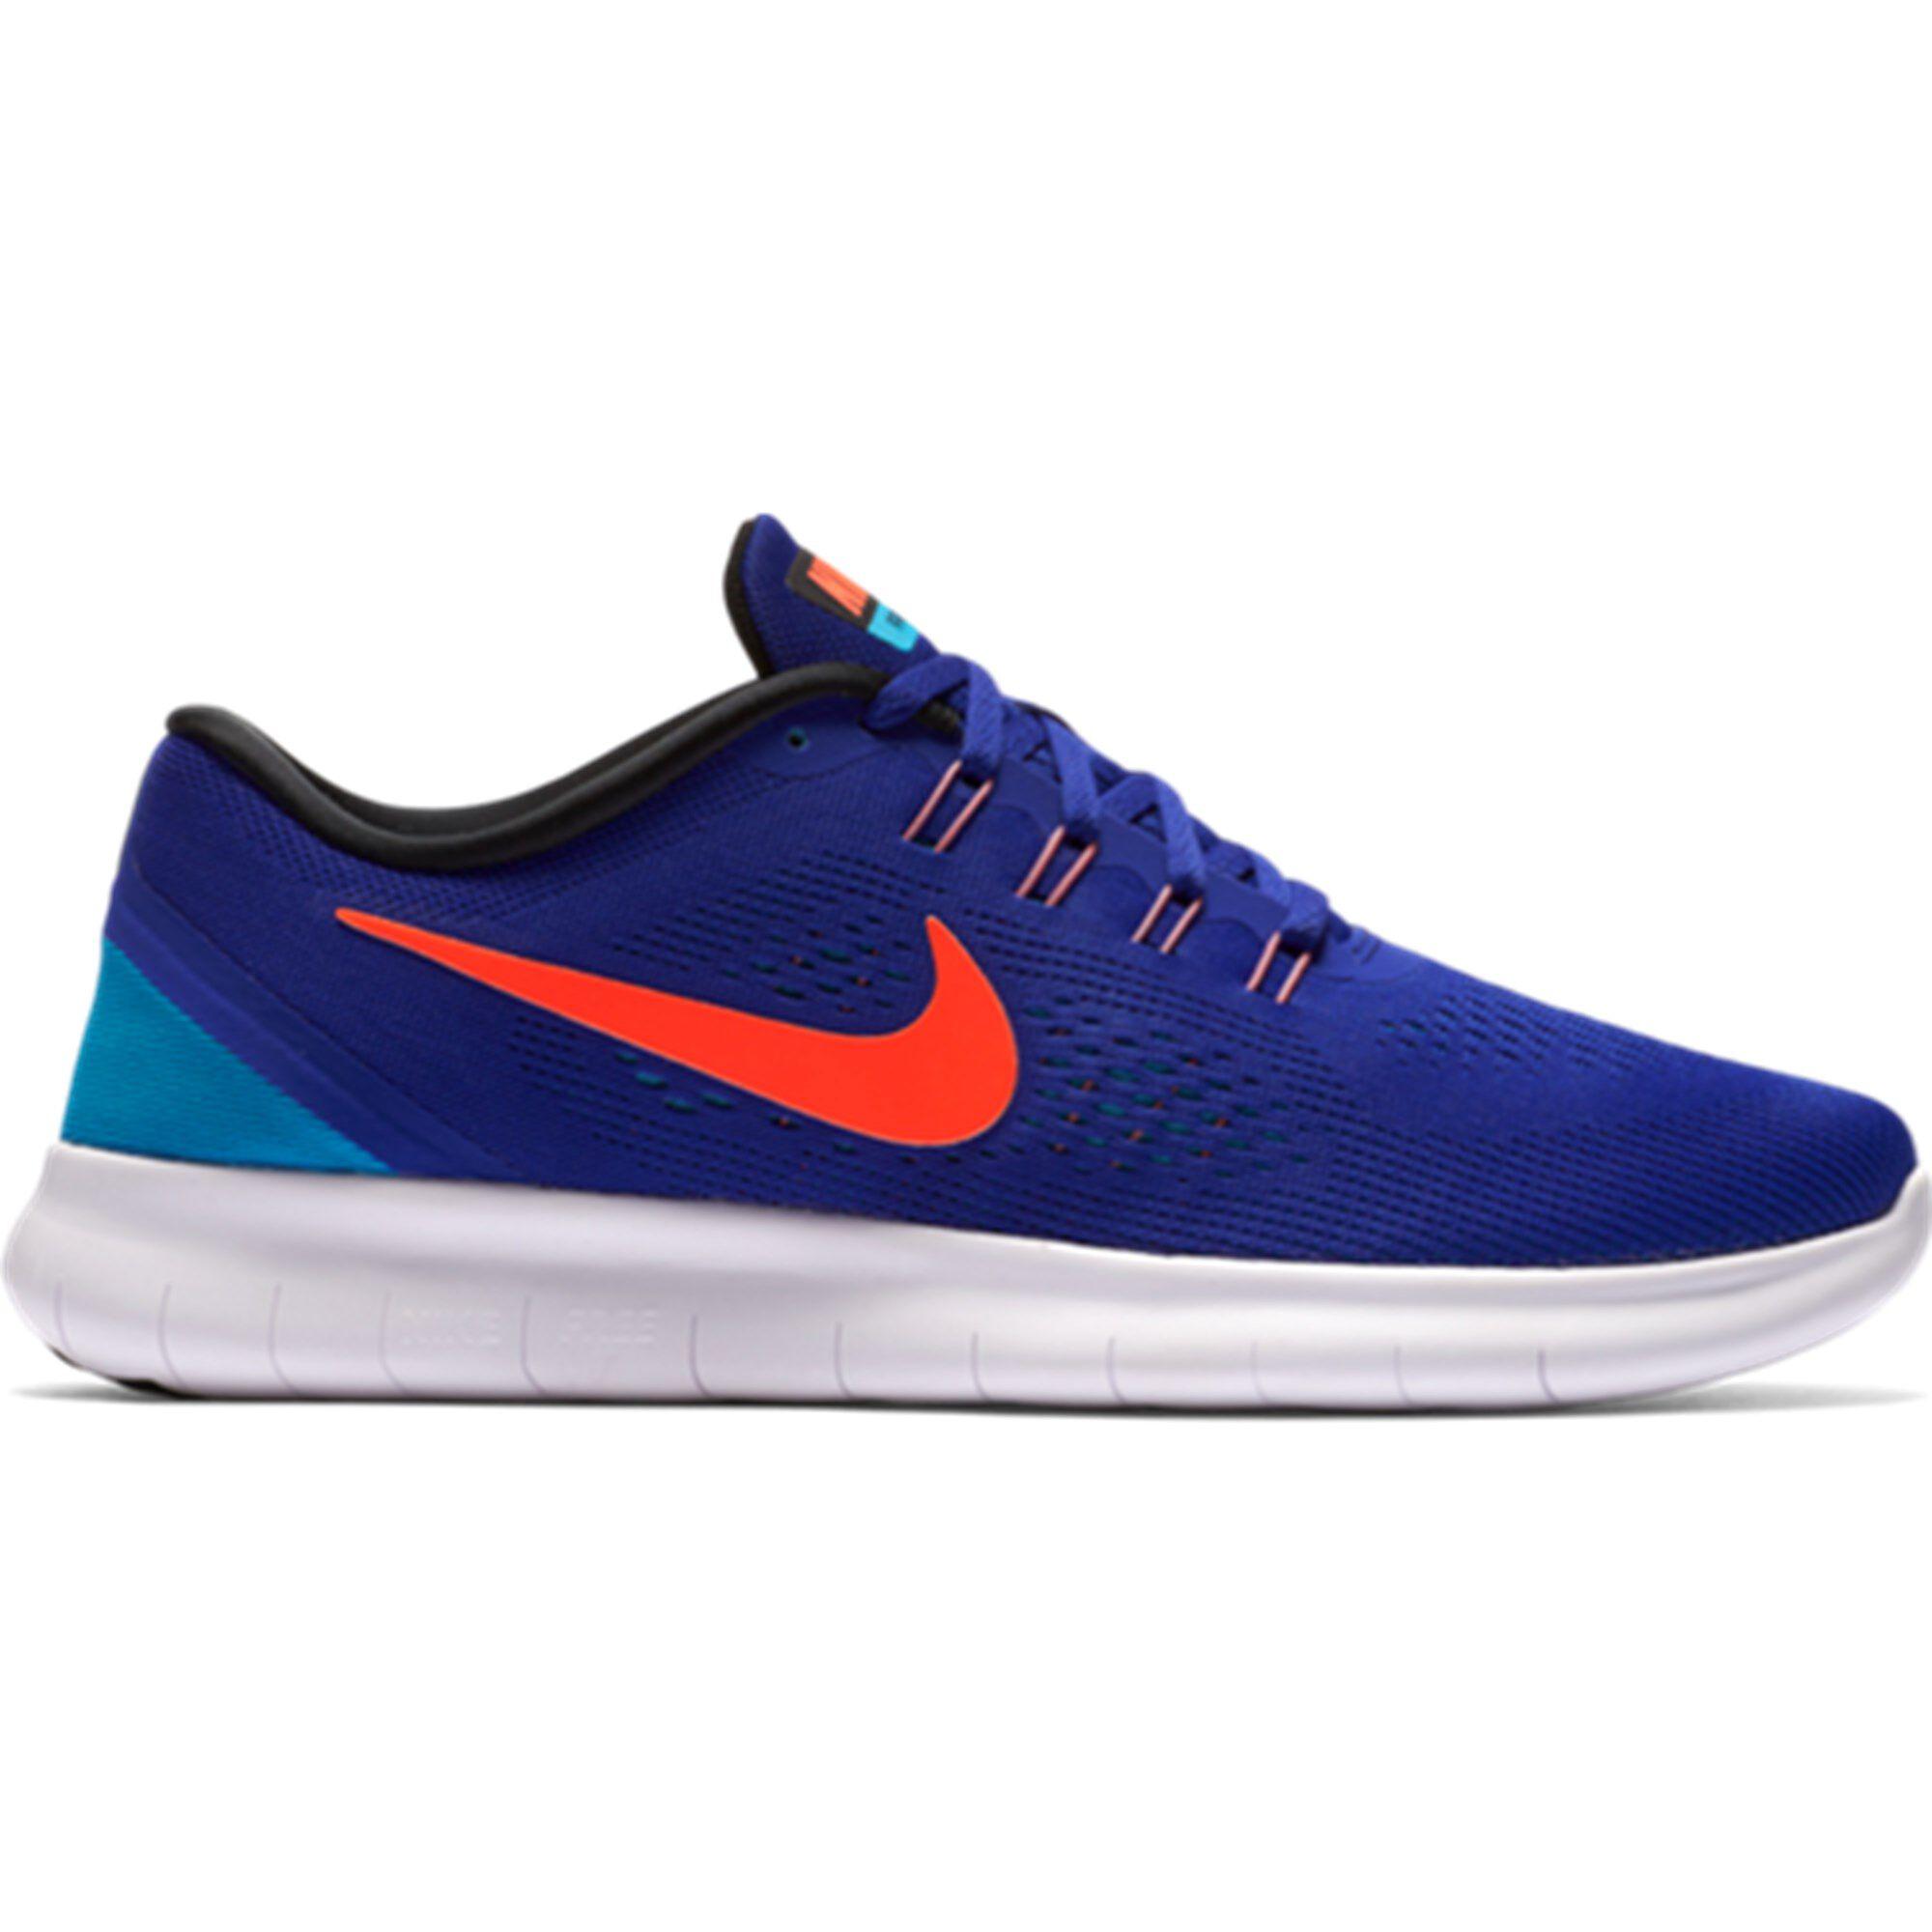 Nike Free Run - Mænd Blå